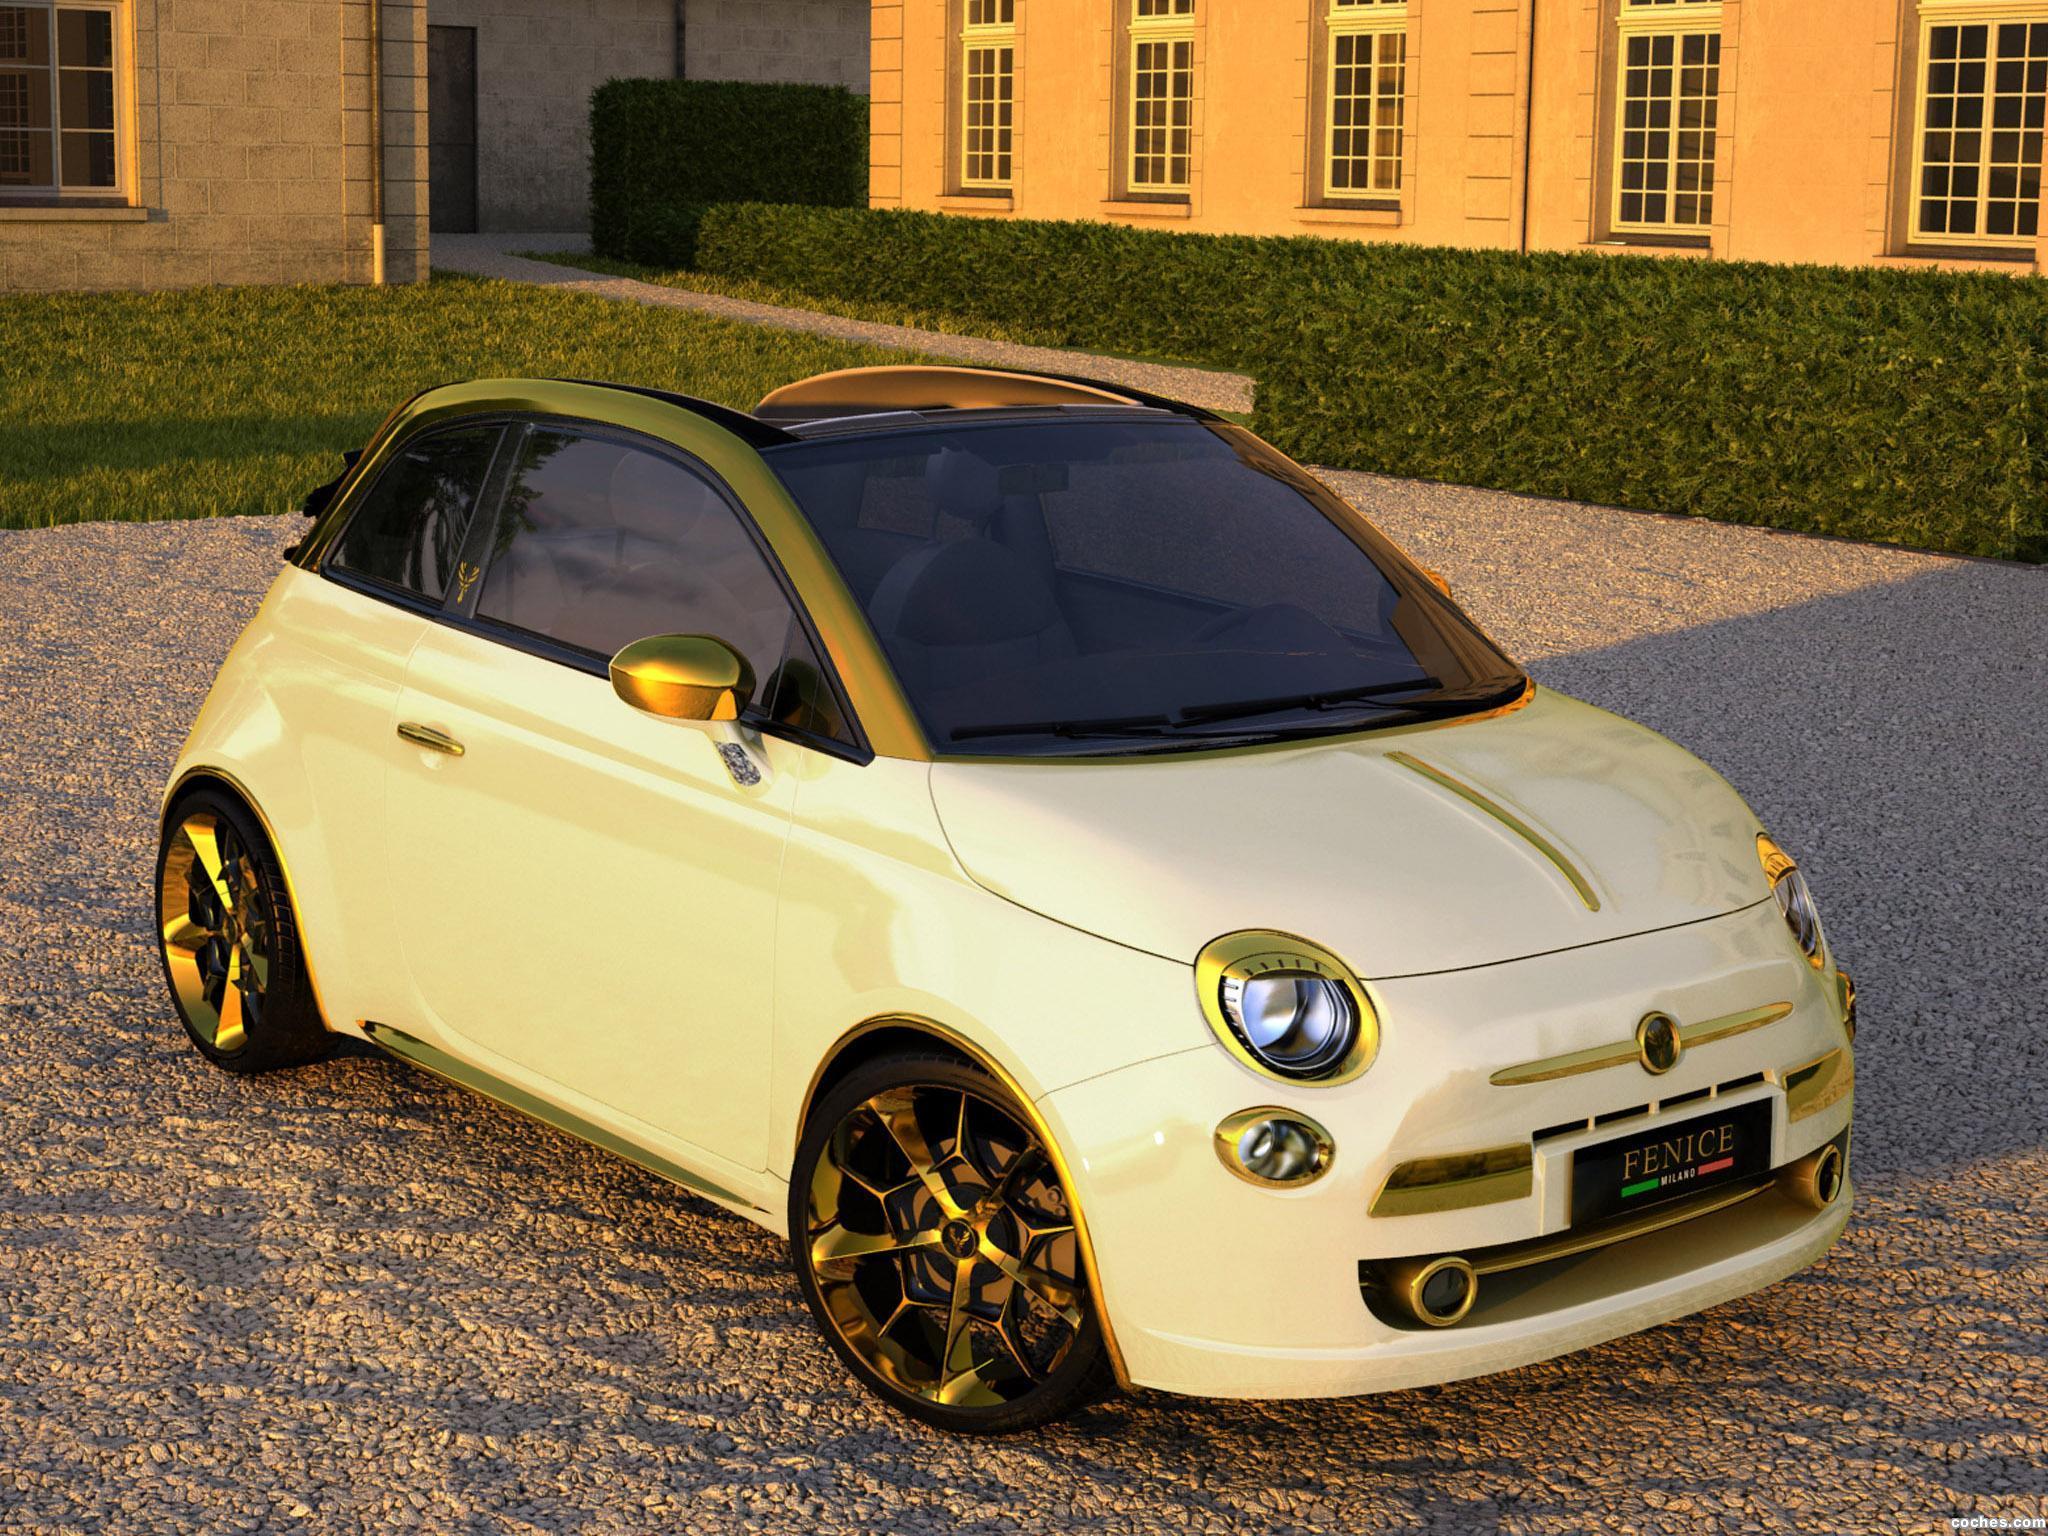 Fenice Milano Fiat 500c gold oro coche car